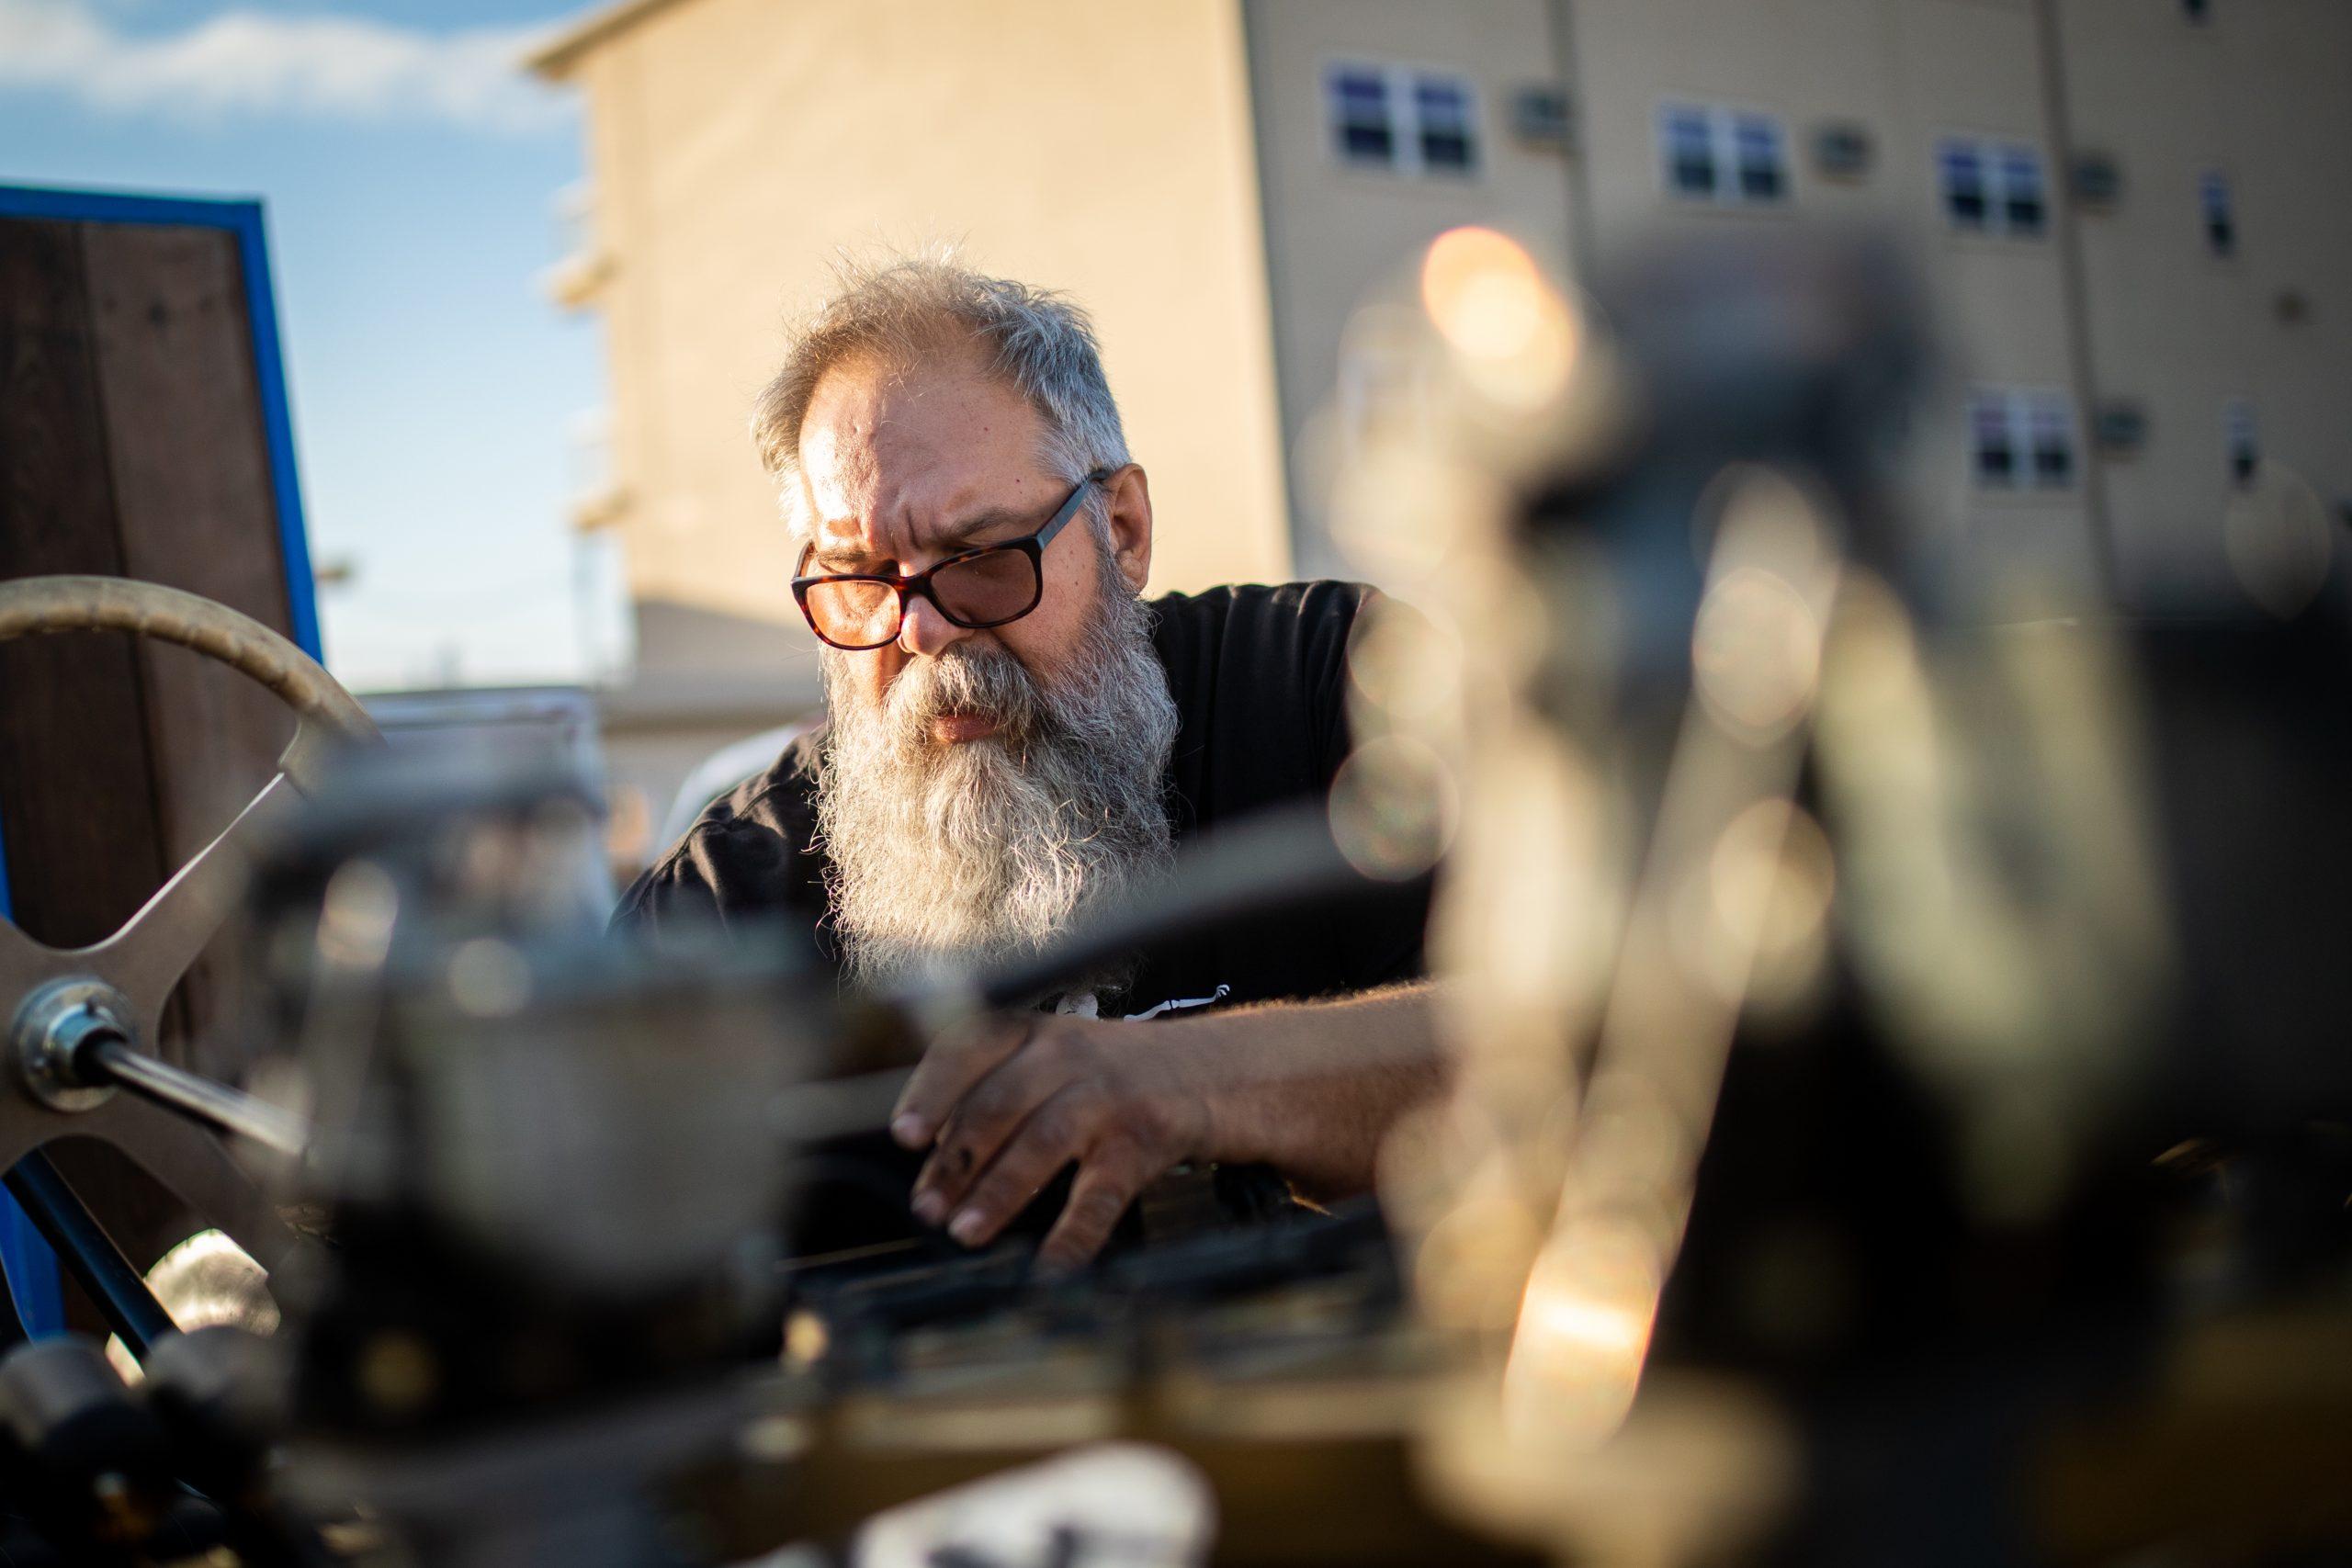 man fixing hot rod racer